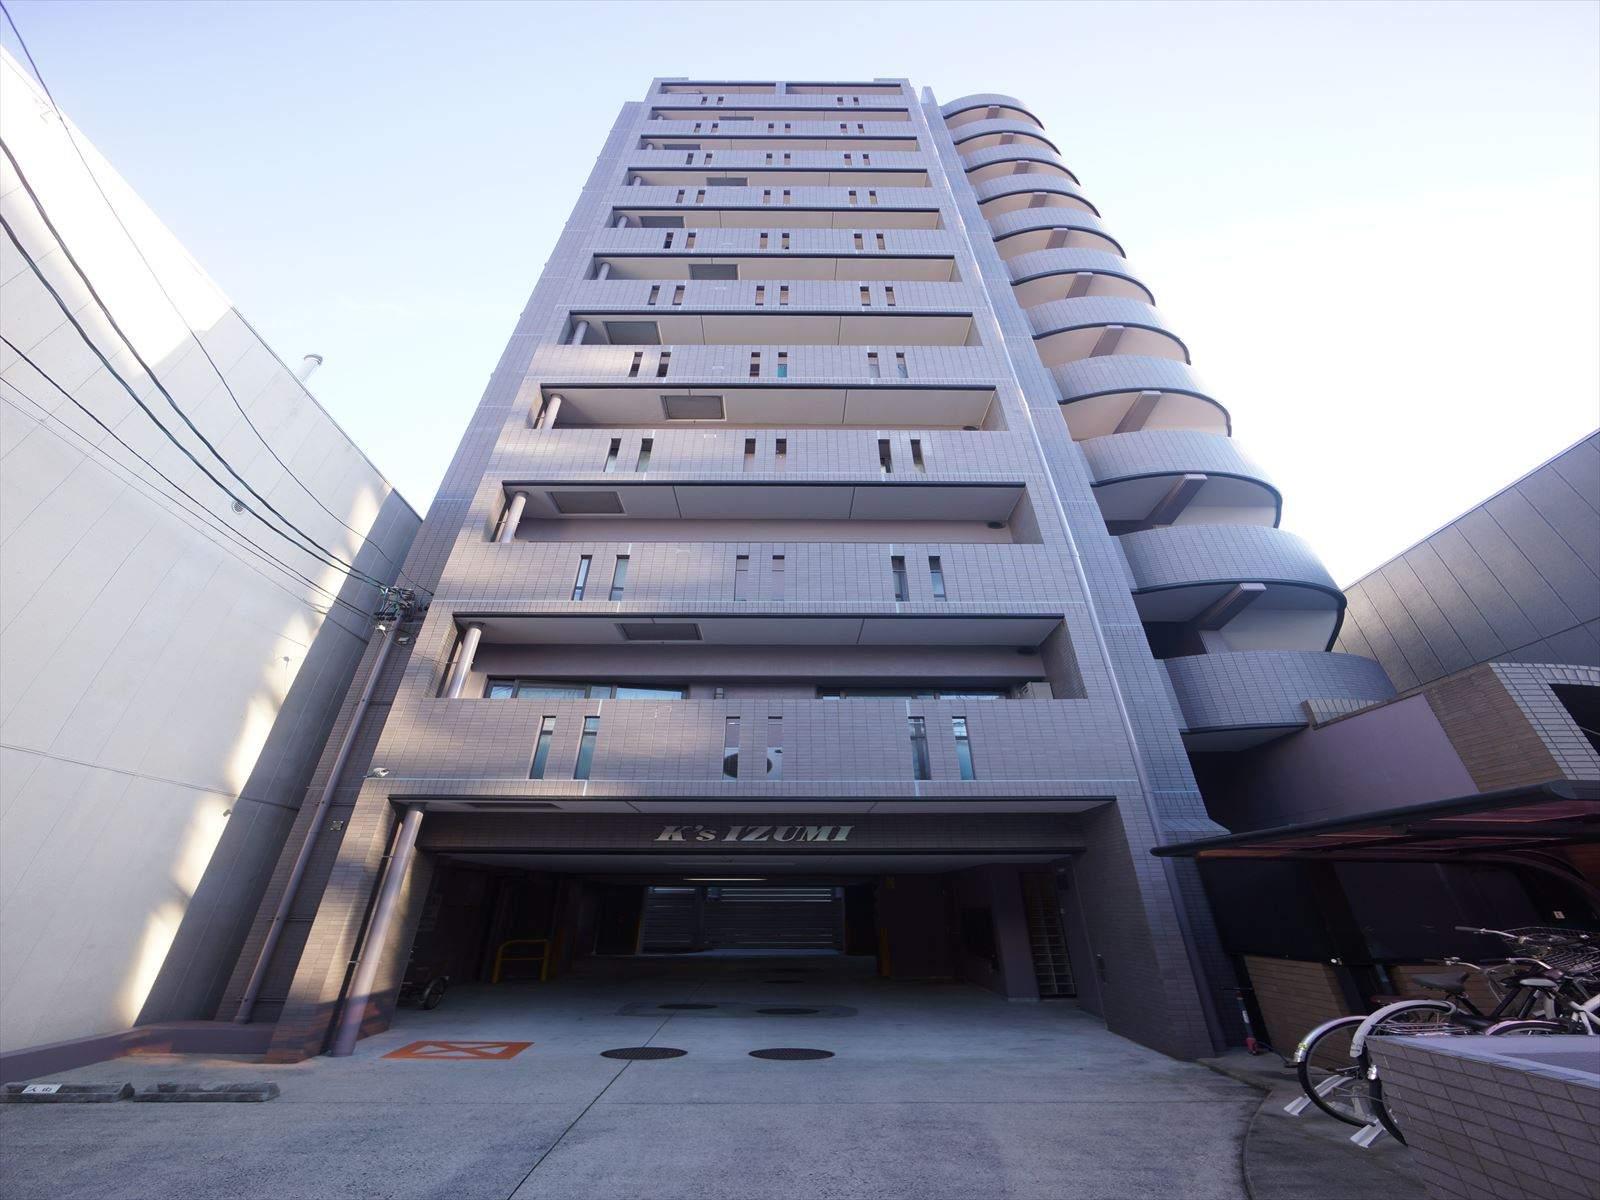 愛知県名古屋市東区、新栄町駅徒歩12分の築19年 11階建の賃貸マンション